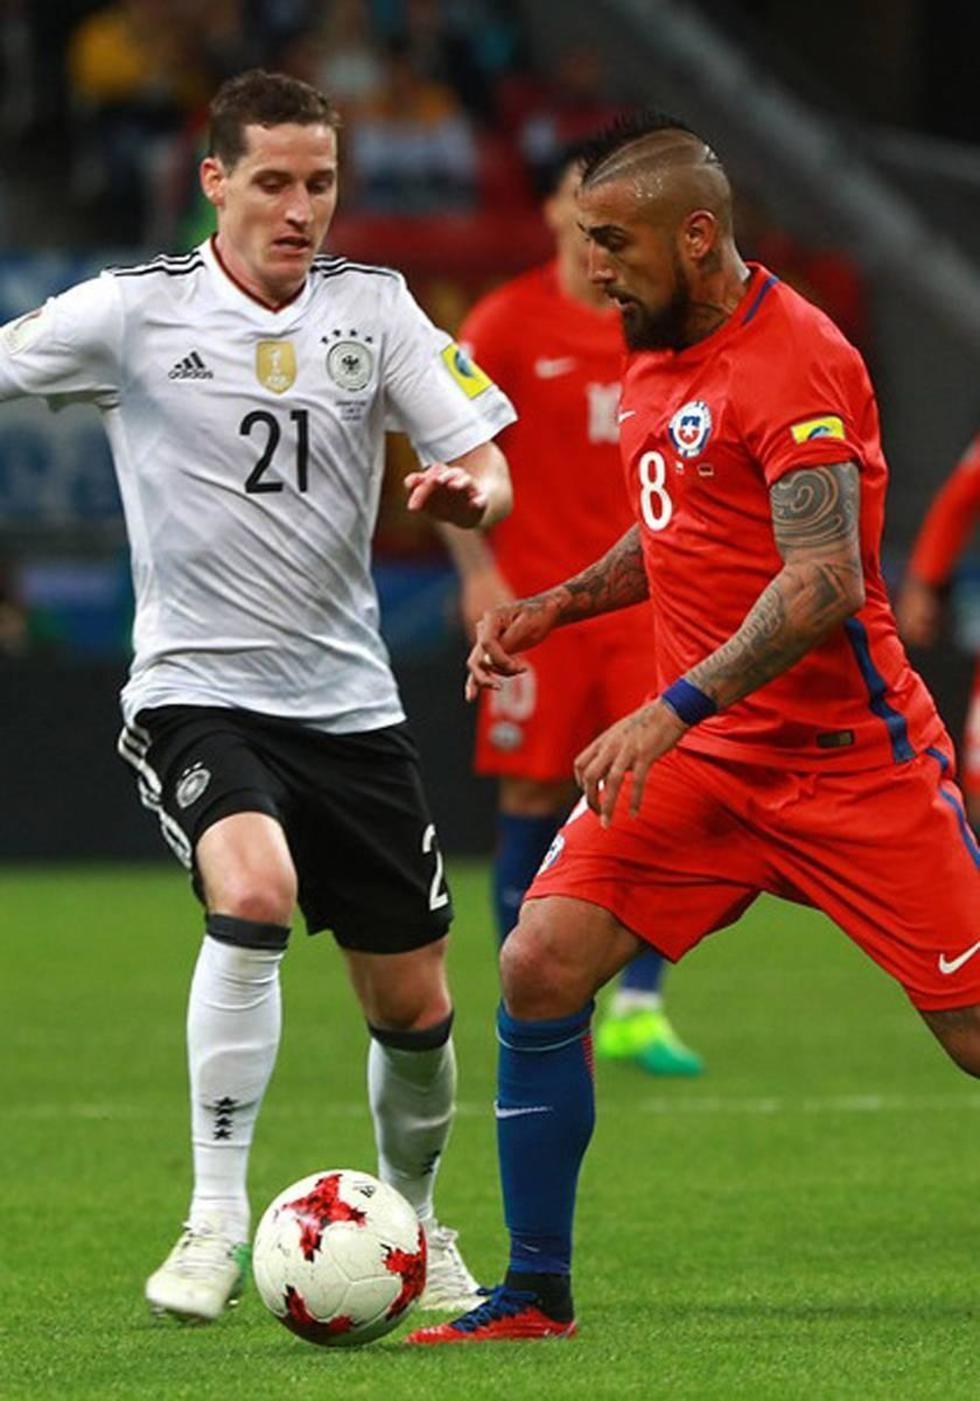 Chile quiere ganar a Alemania en la final de Copa Confederaciones